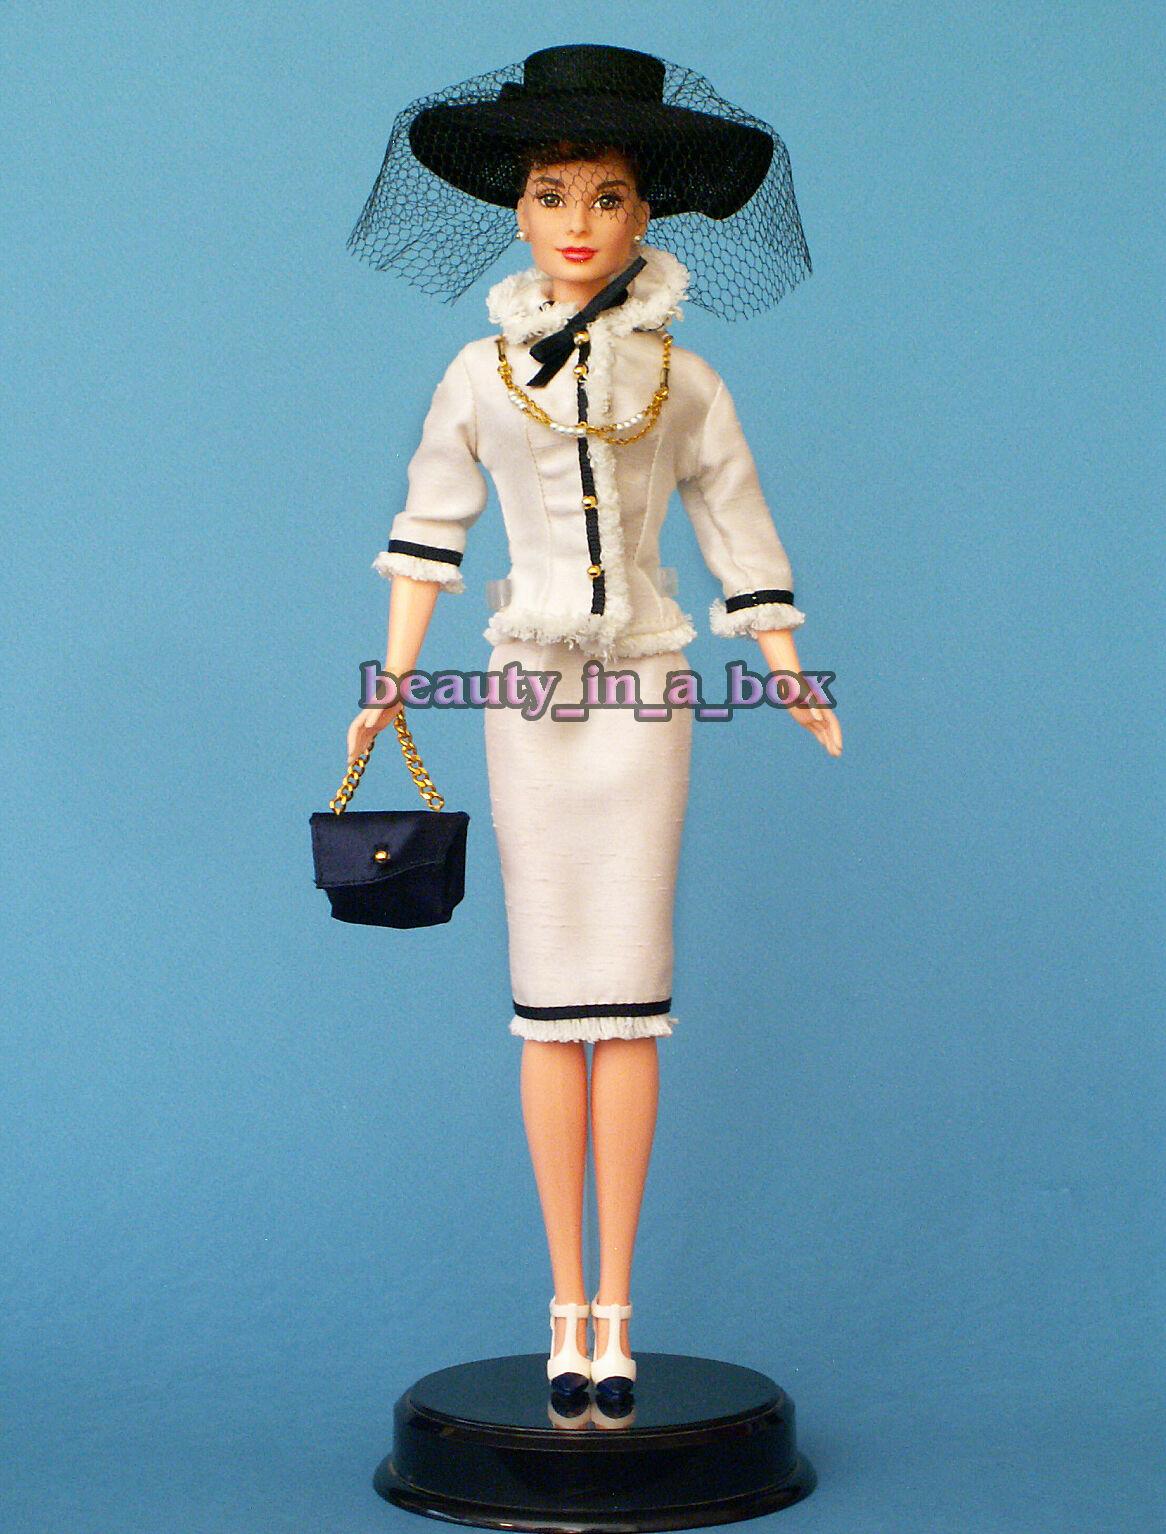 Audrey Hepburn Clásico contemporáneo conjunto Celebrity Reparación Muñeca Barbie Compacta